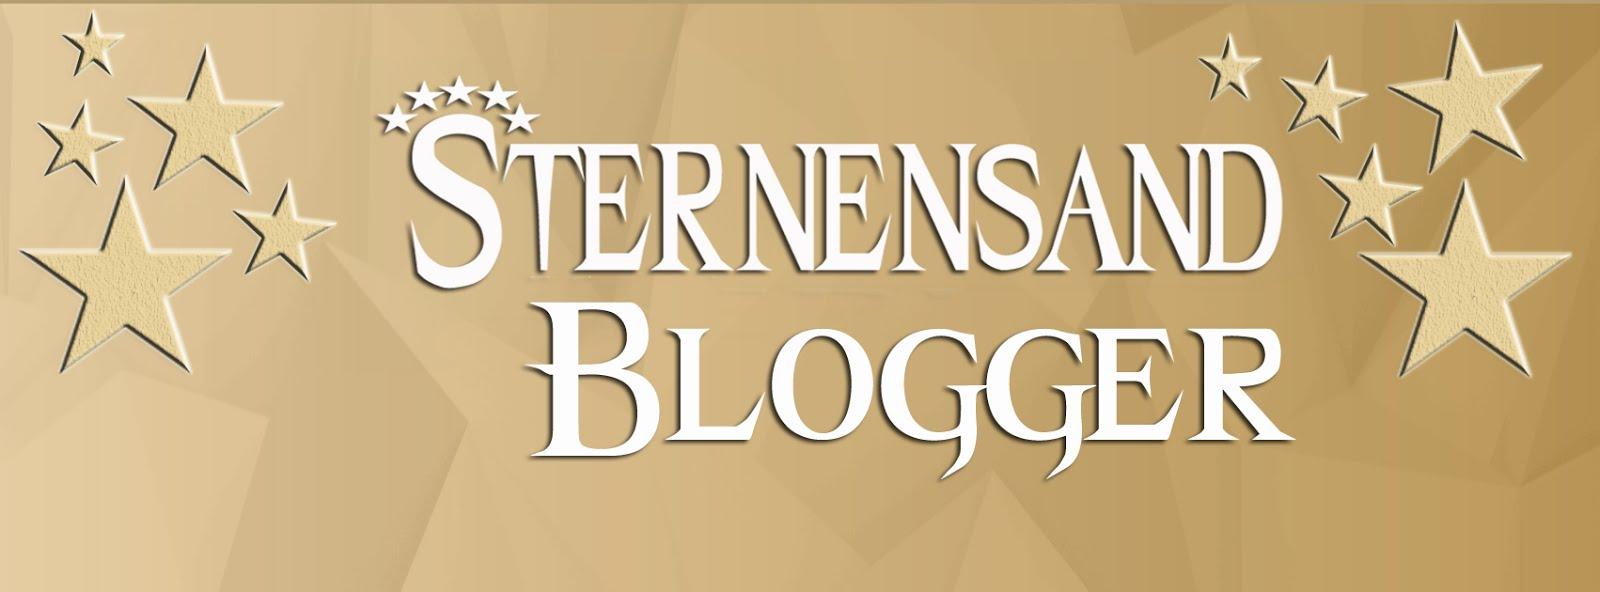 Sternensand Blogger